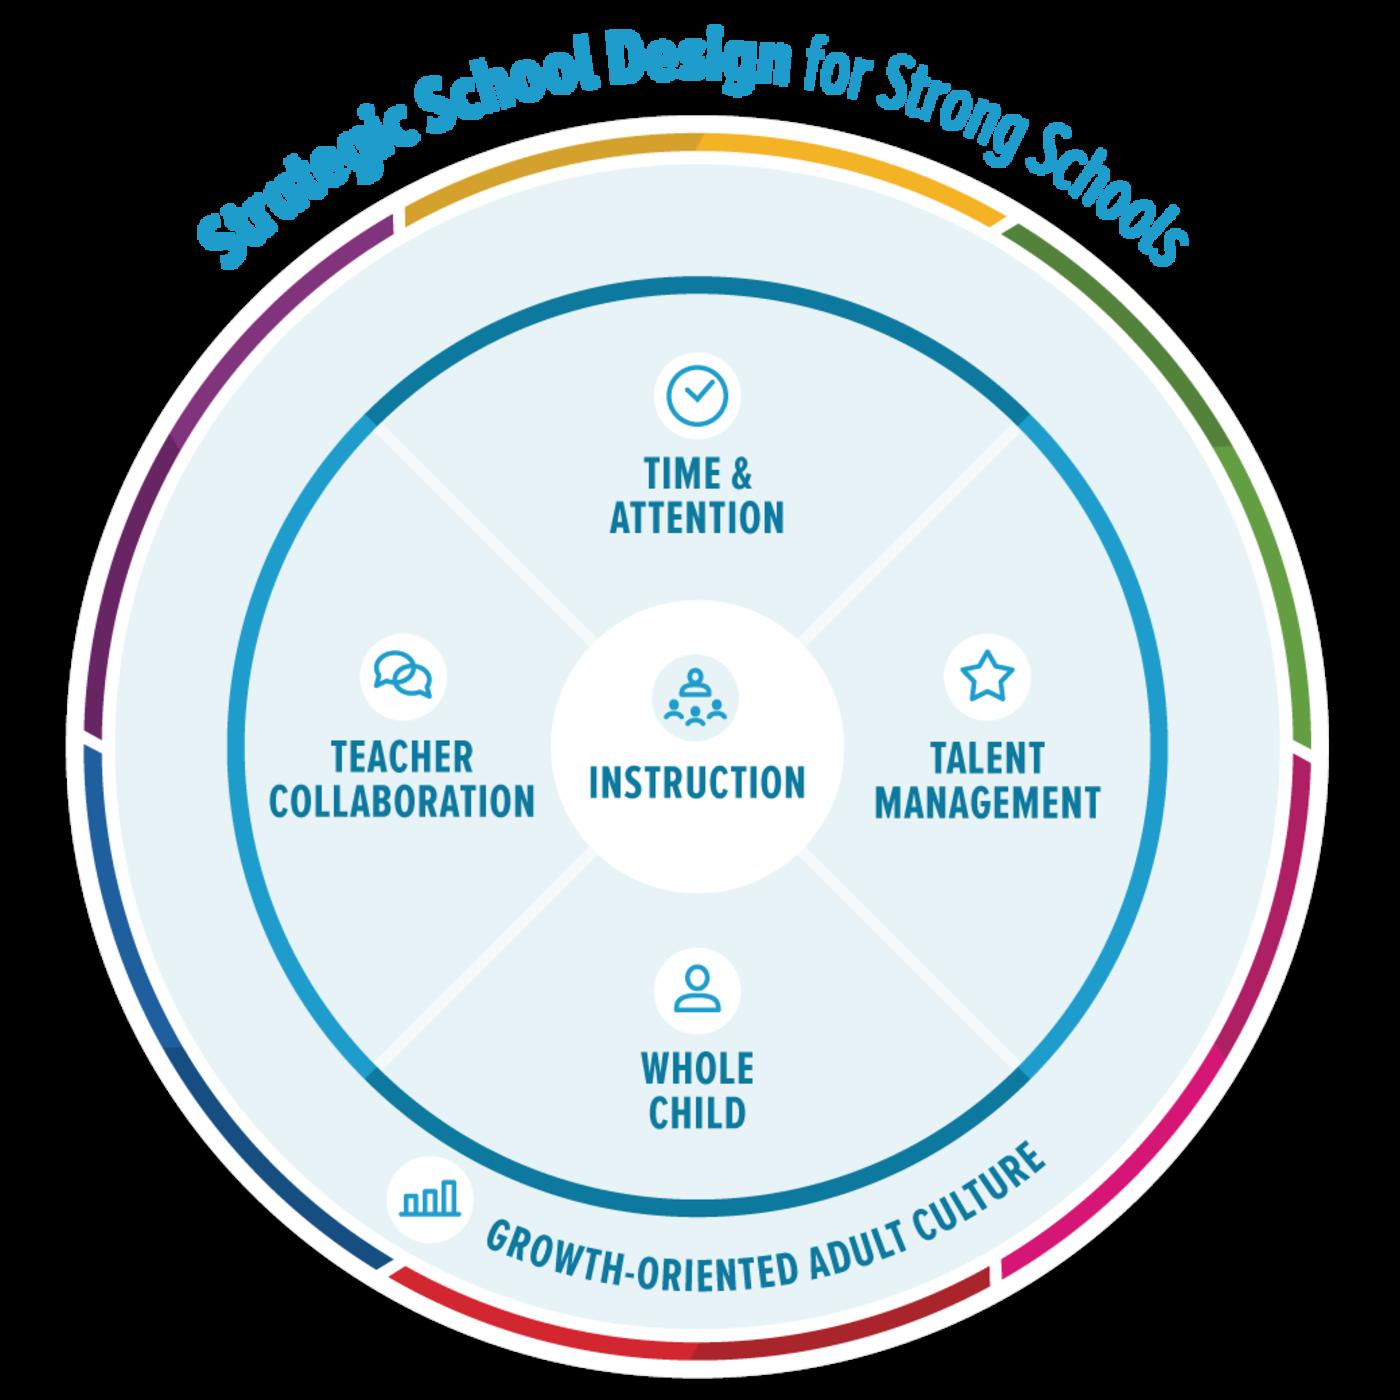 Strategicschooldesign v18